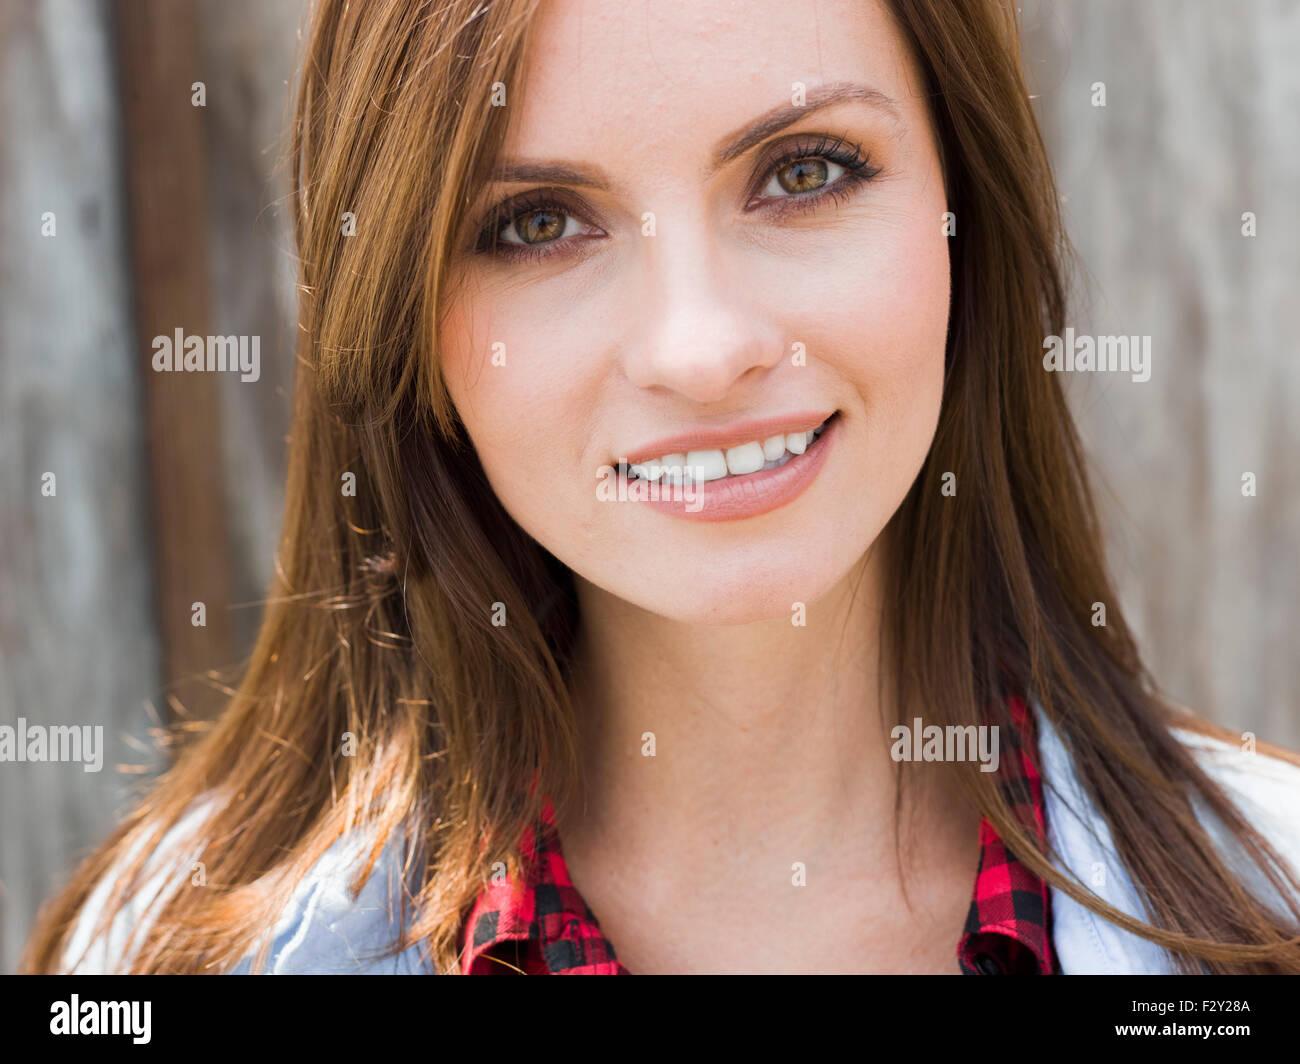 Une belle femme avec les yeux bruns et les cheveux bruns. Photo Stock